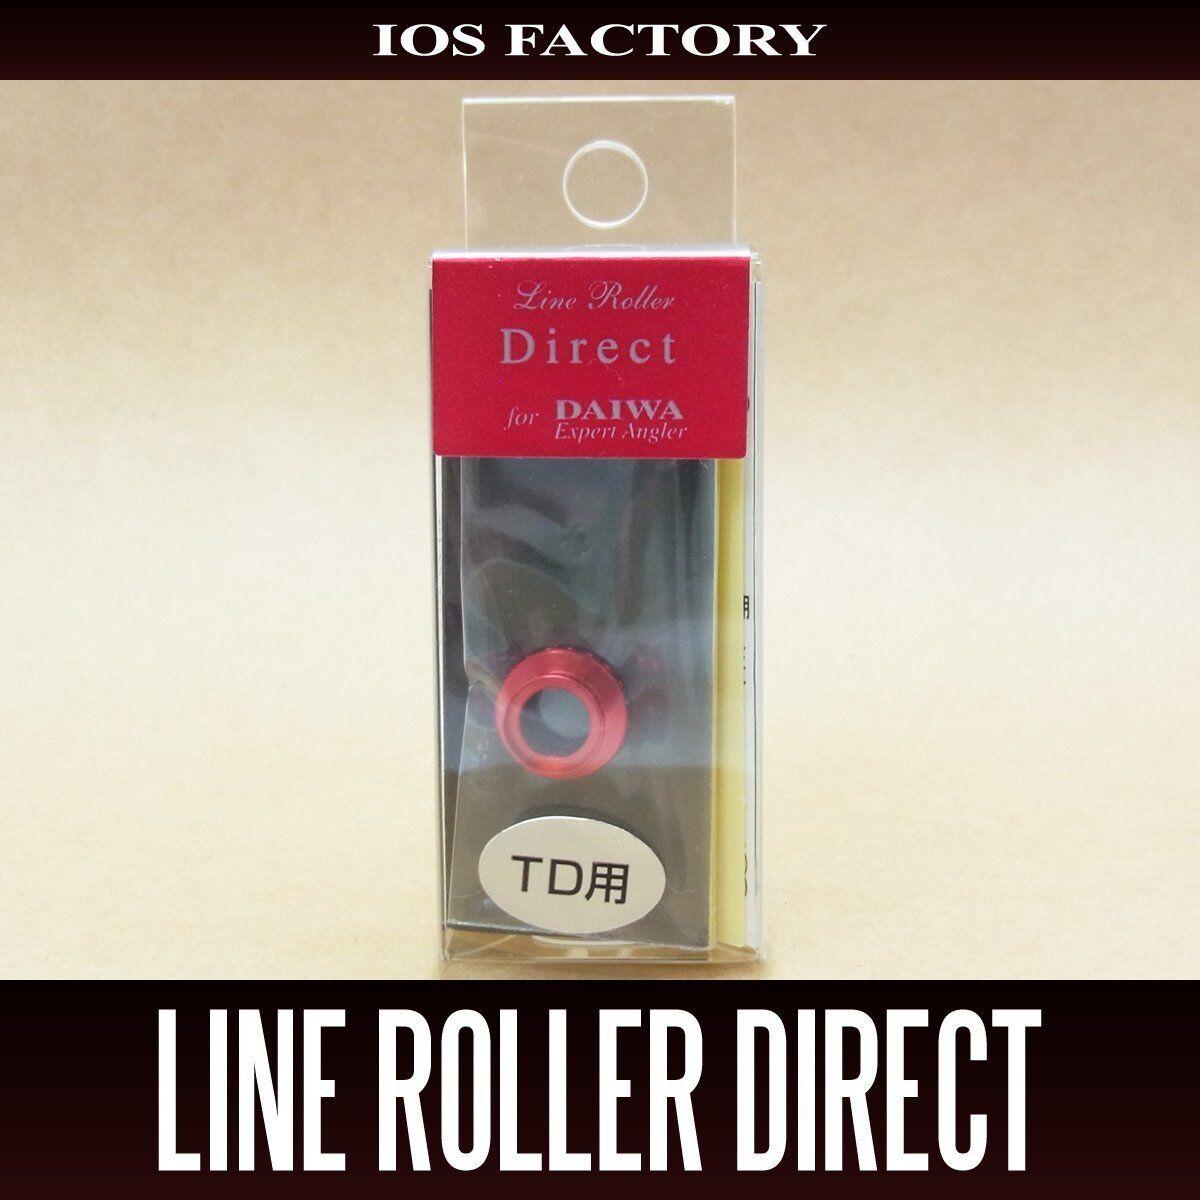 Rodillo de línea de fábrica de IOS directo para Daiwa TD-Tipo de rojo